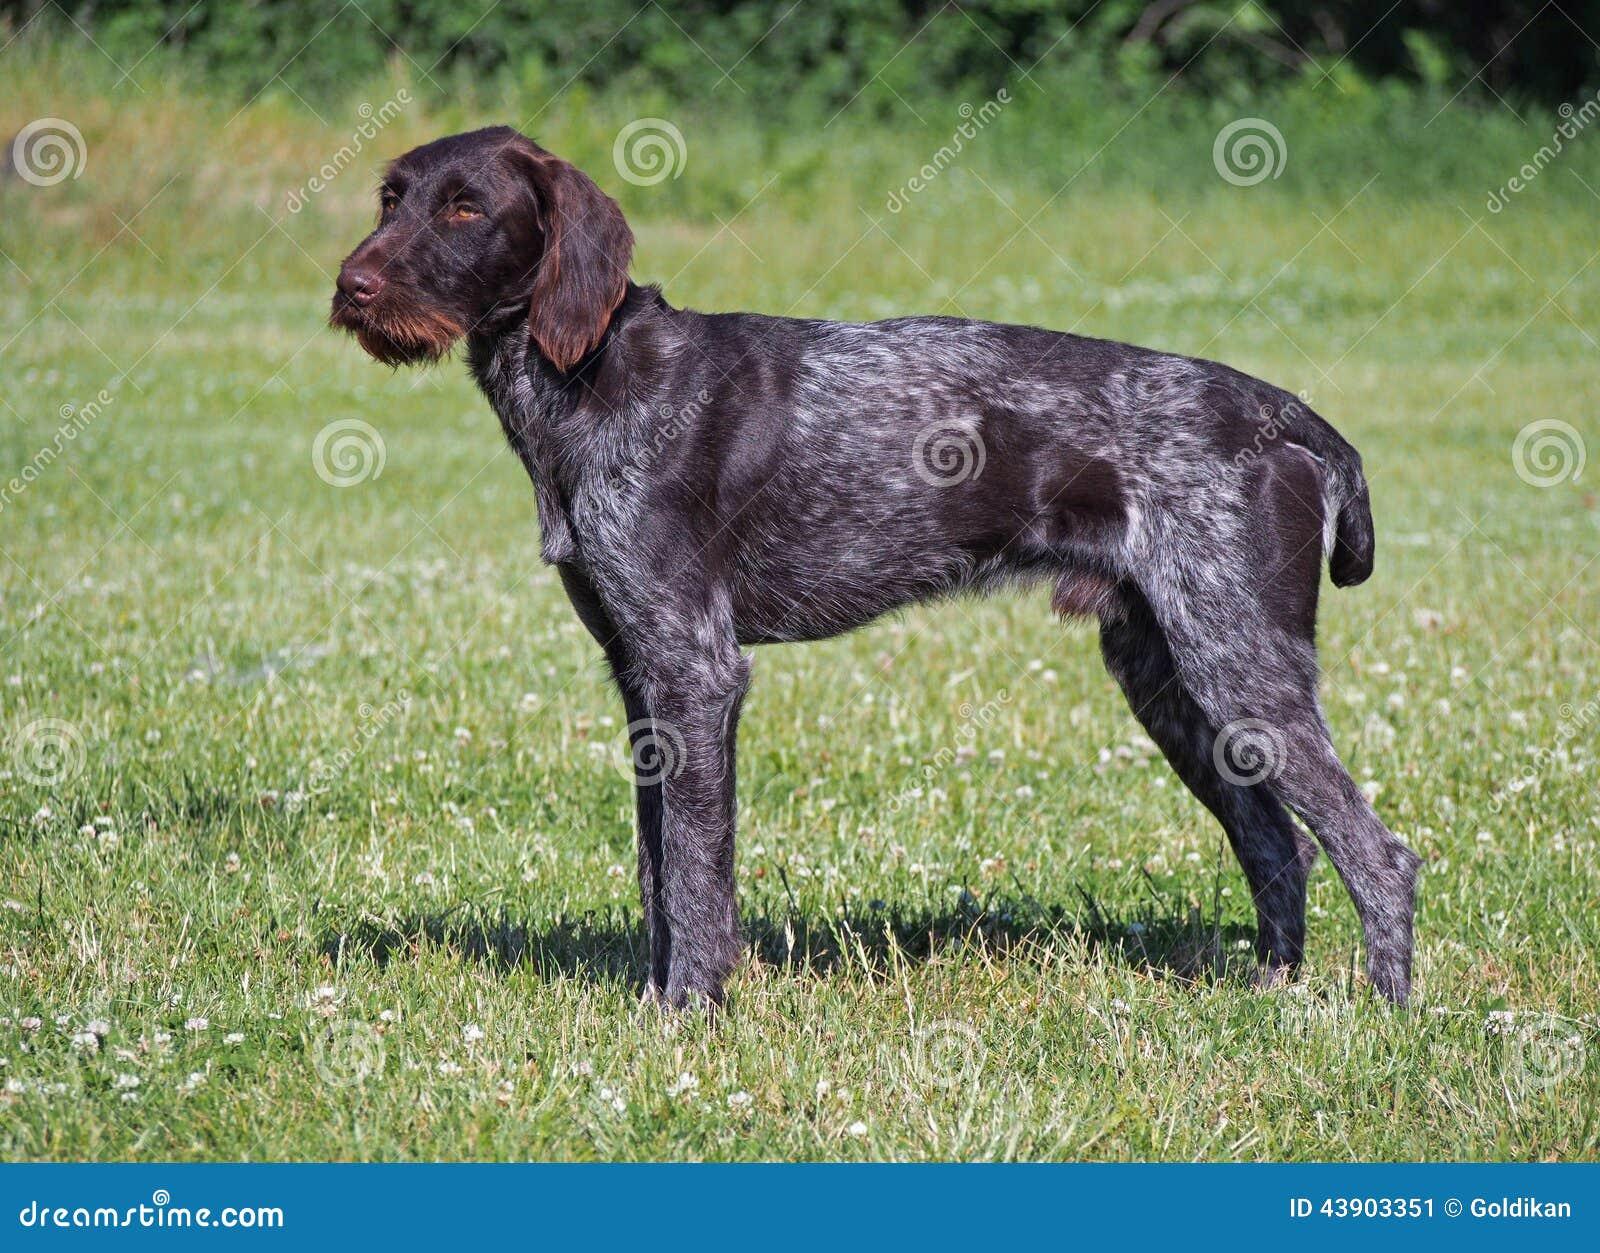 Der drahthaar Hund stockbild. Bild von pedigreed, haar - 43903351